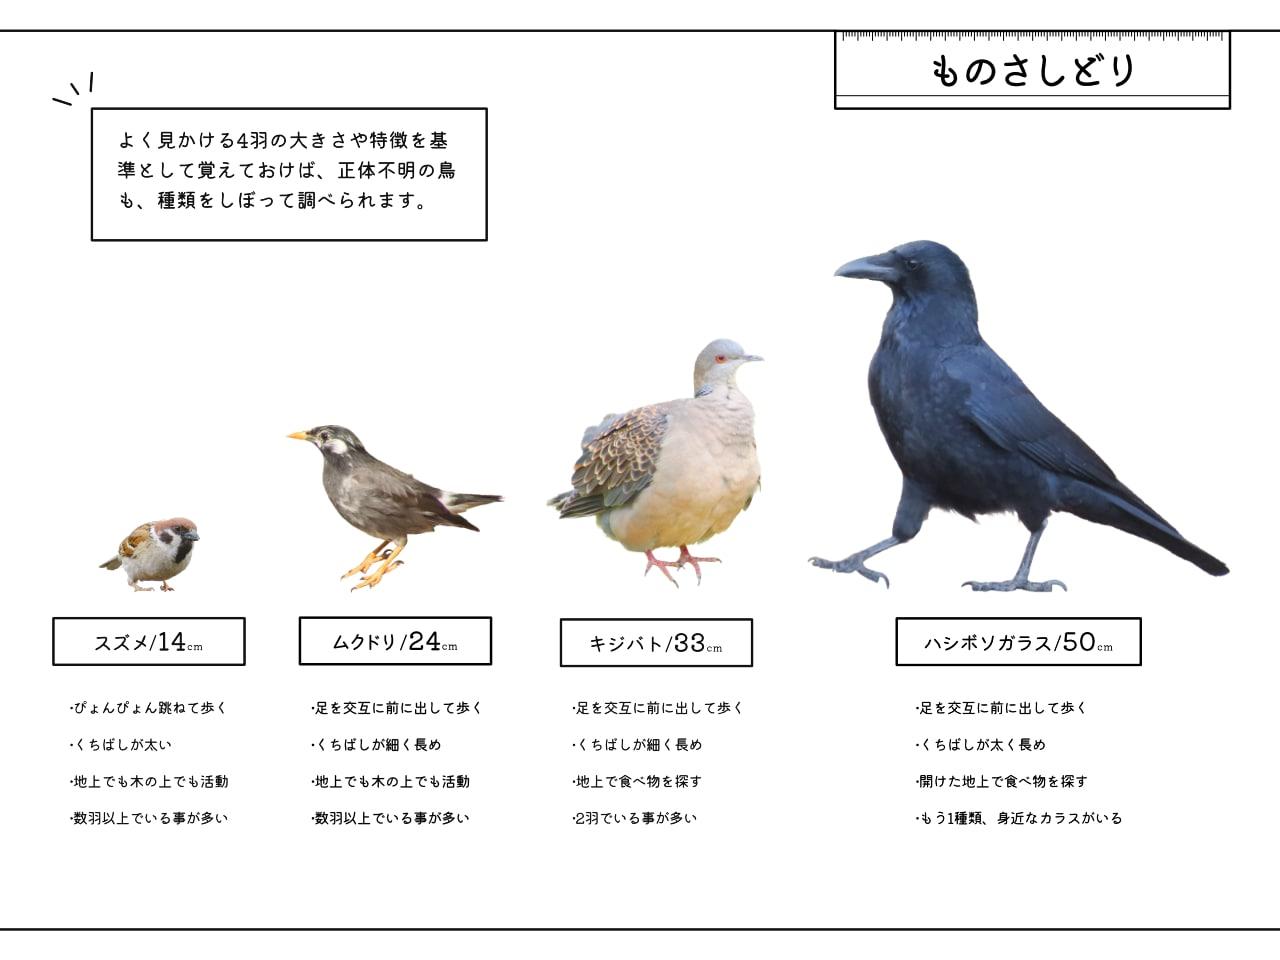 ものさしどり4羽をまとめた画像